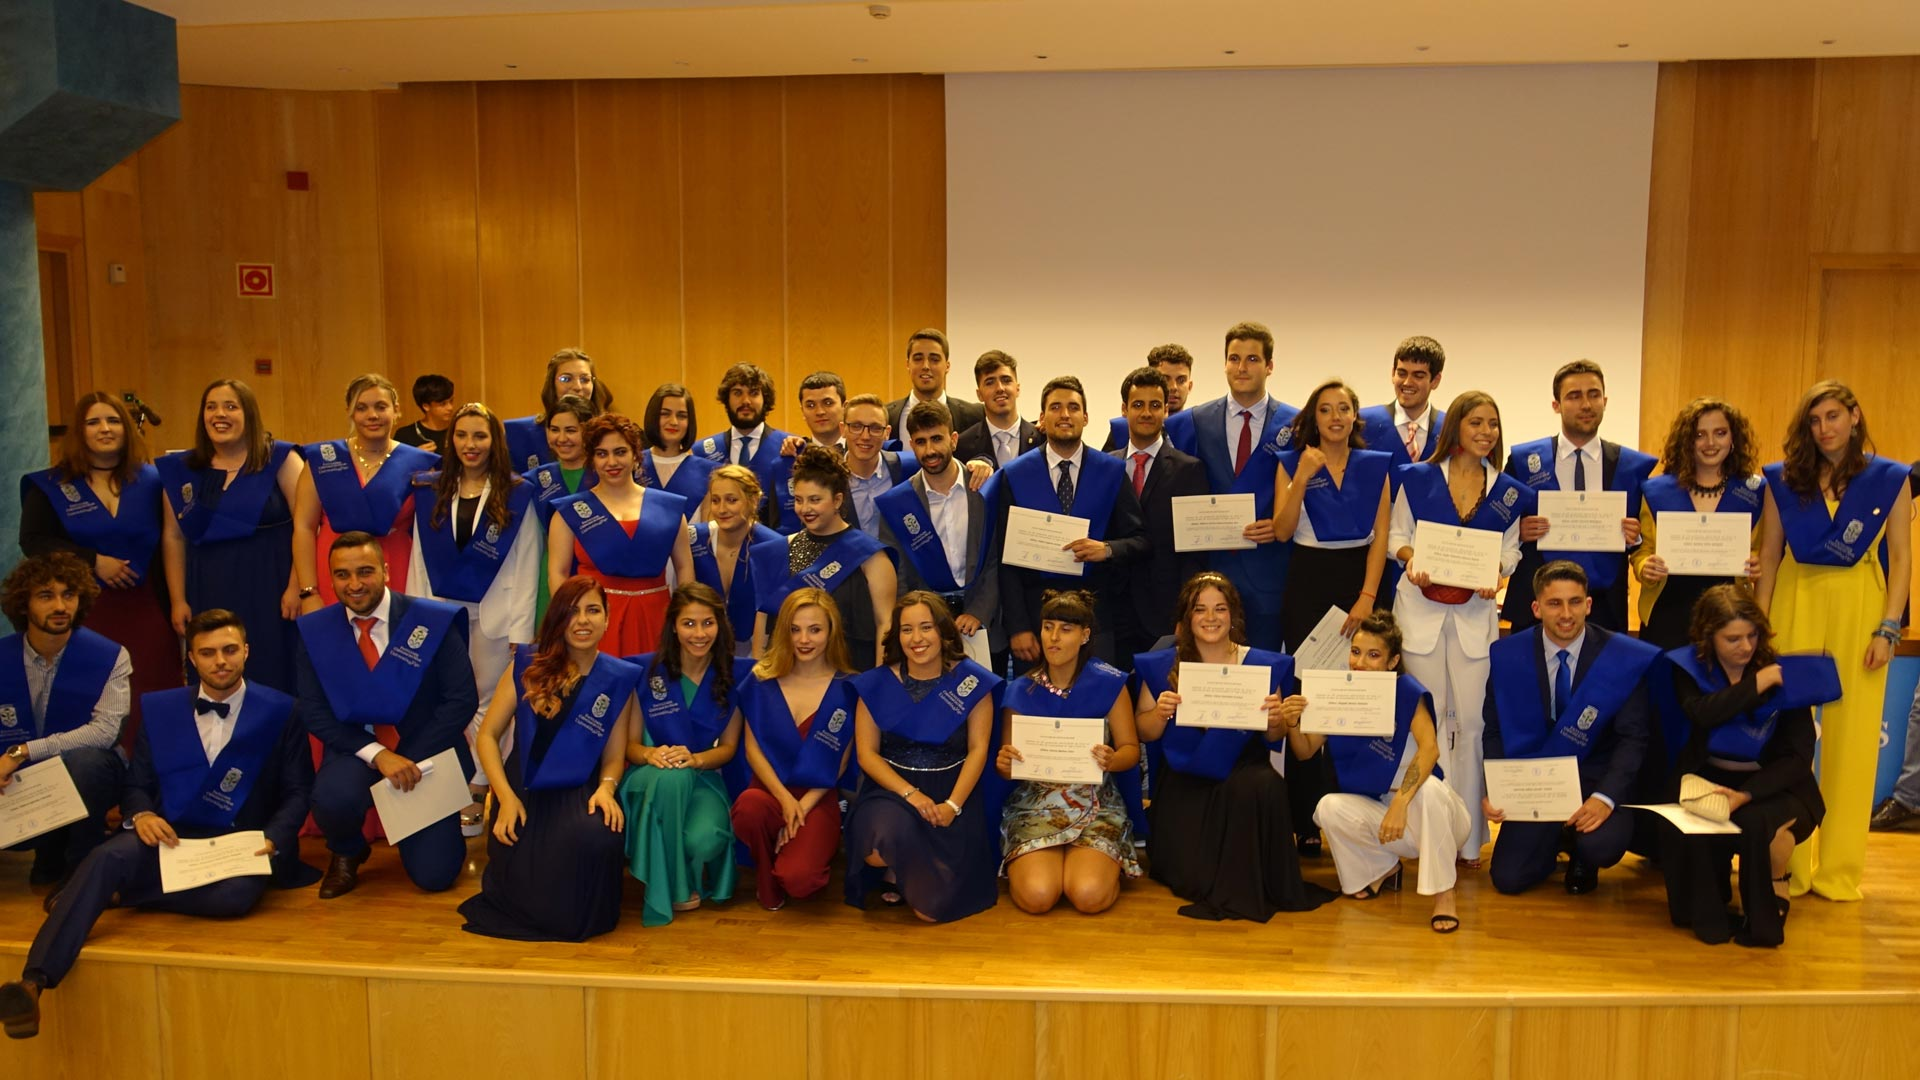 graduacion-7promocion-ccmar-07